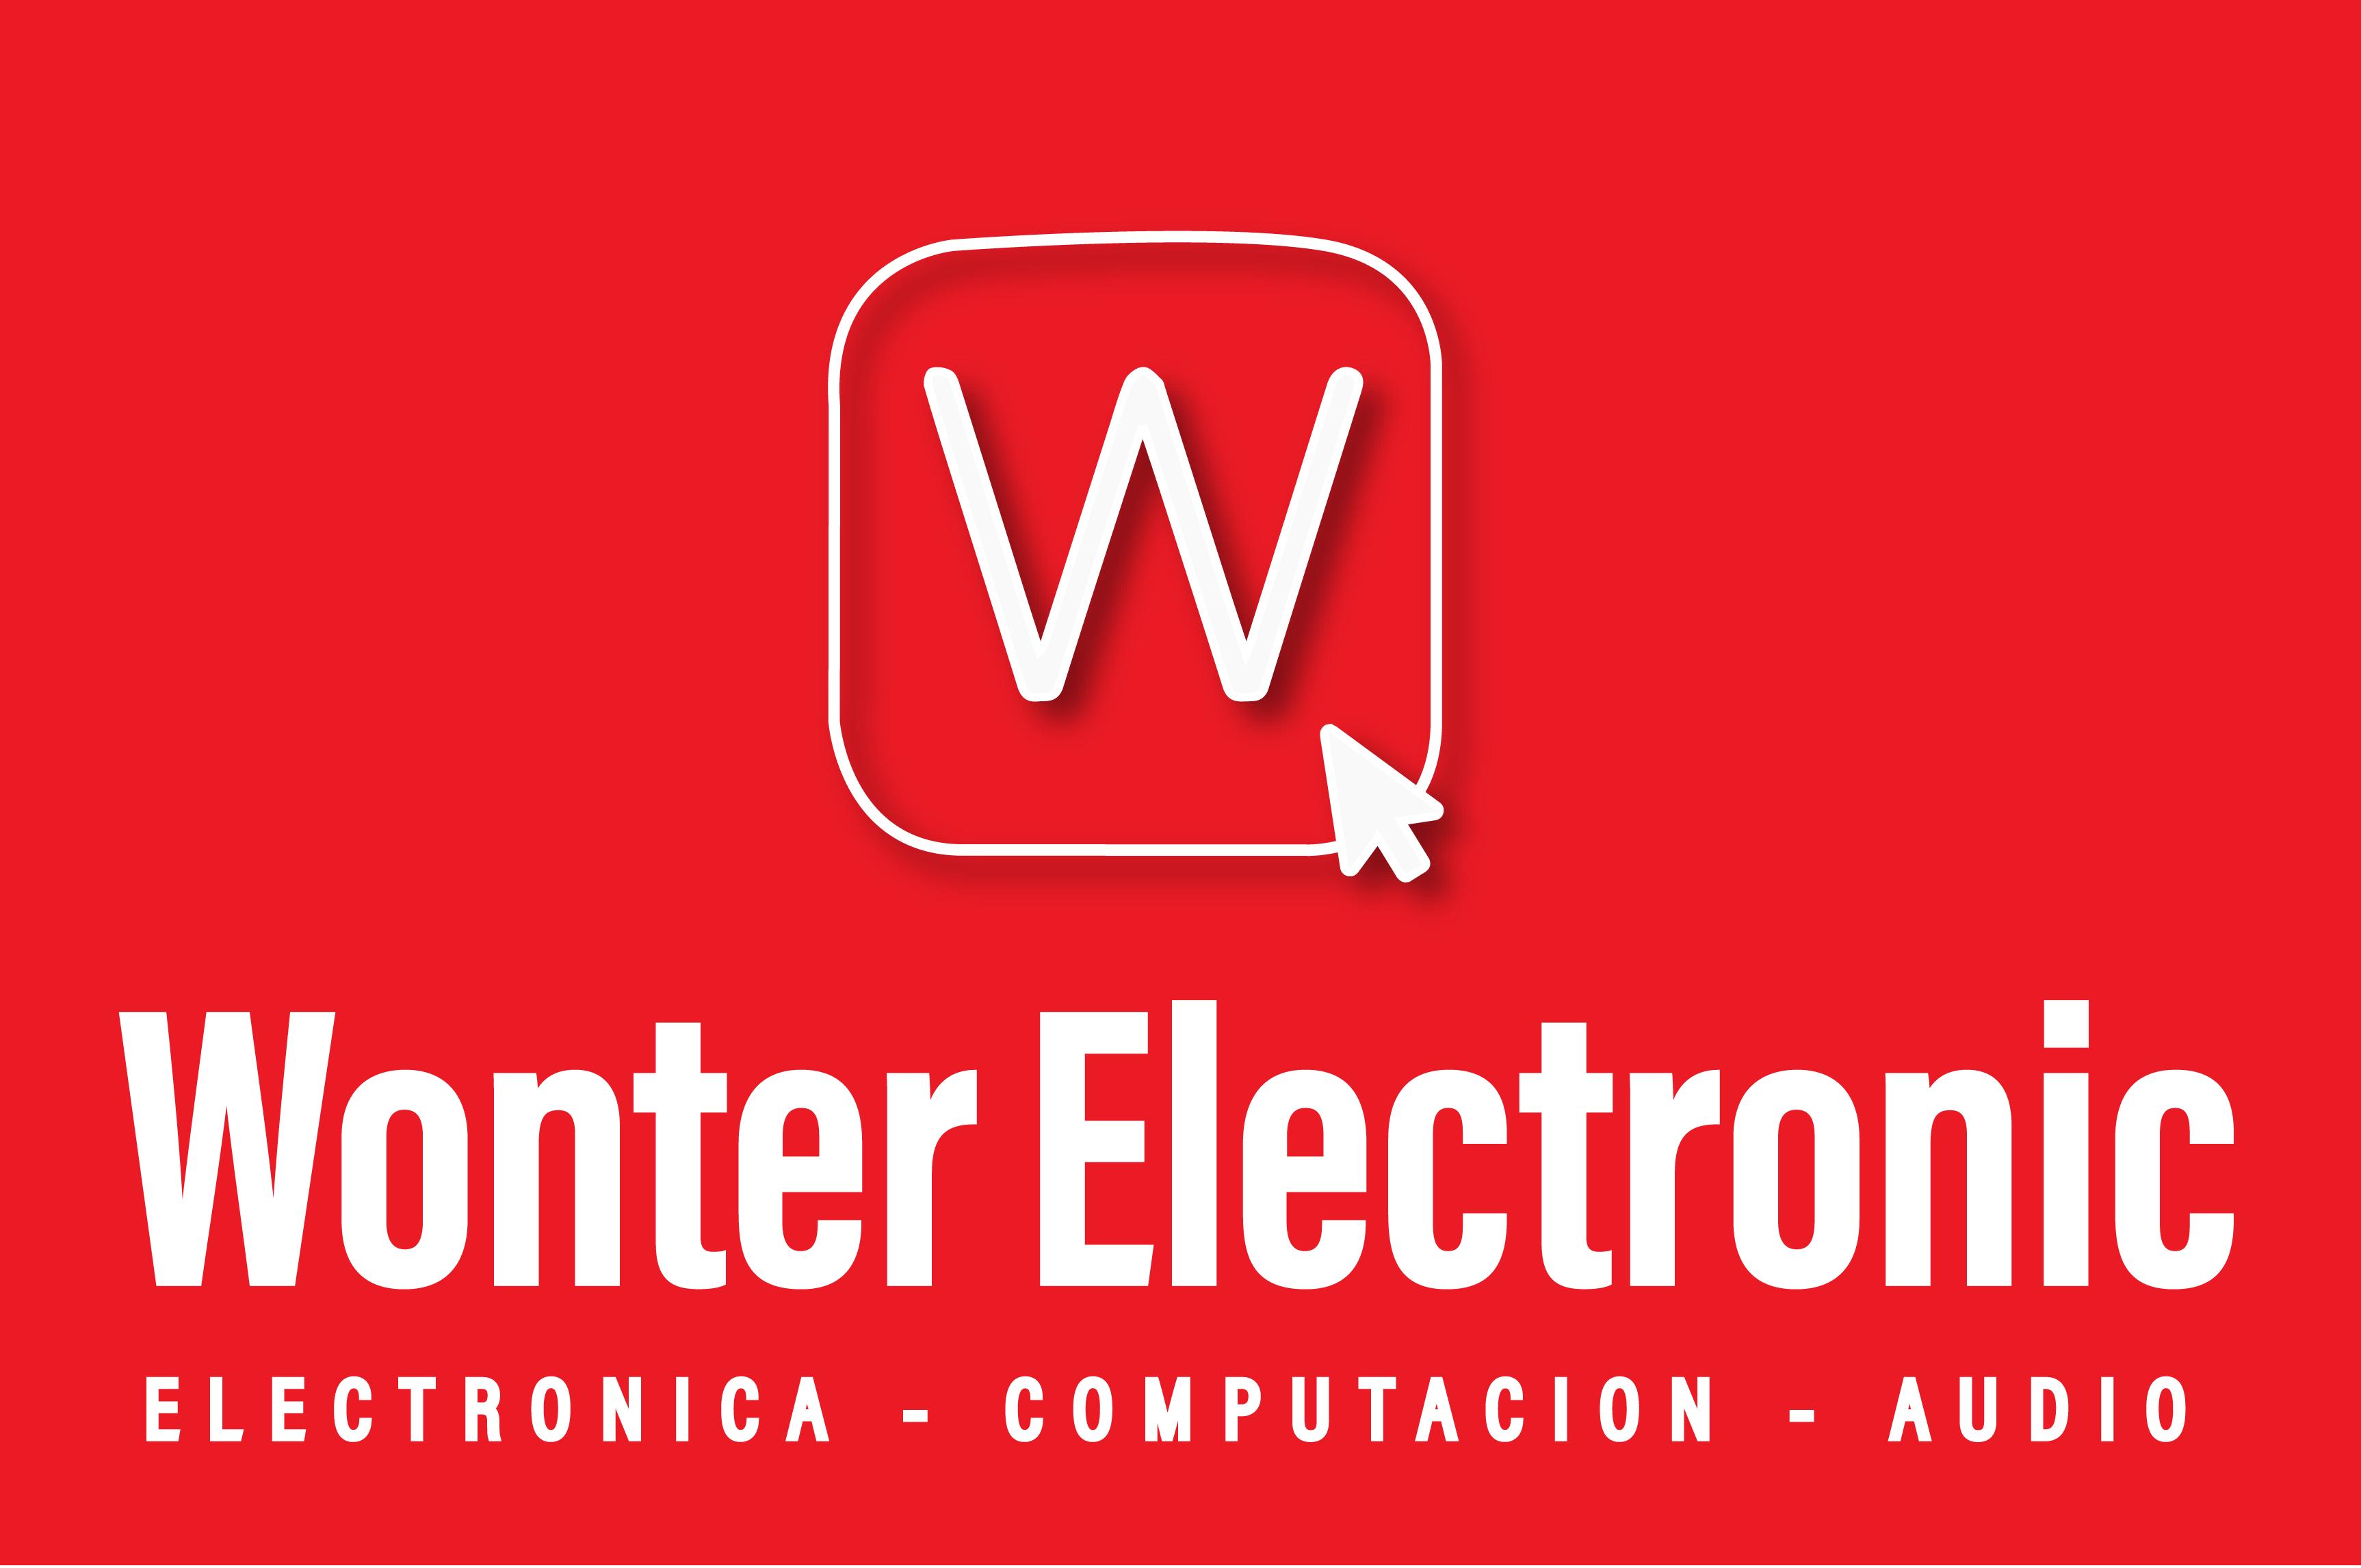 Distribuidora Wonter Electronic